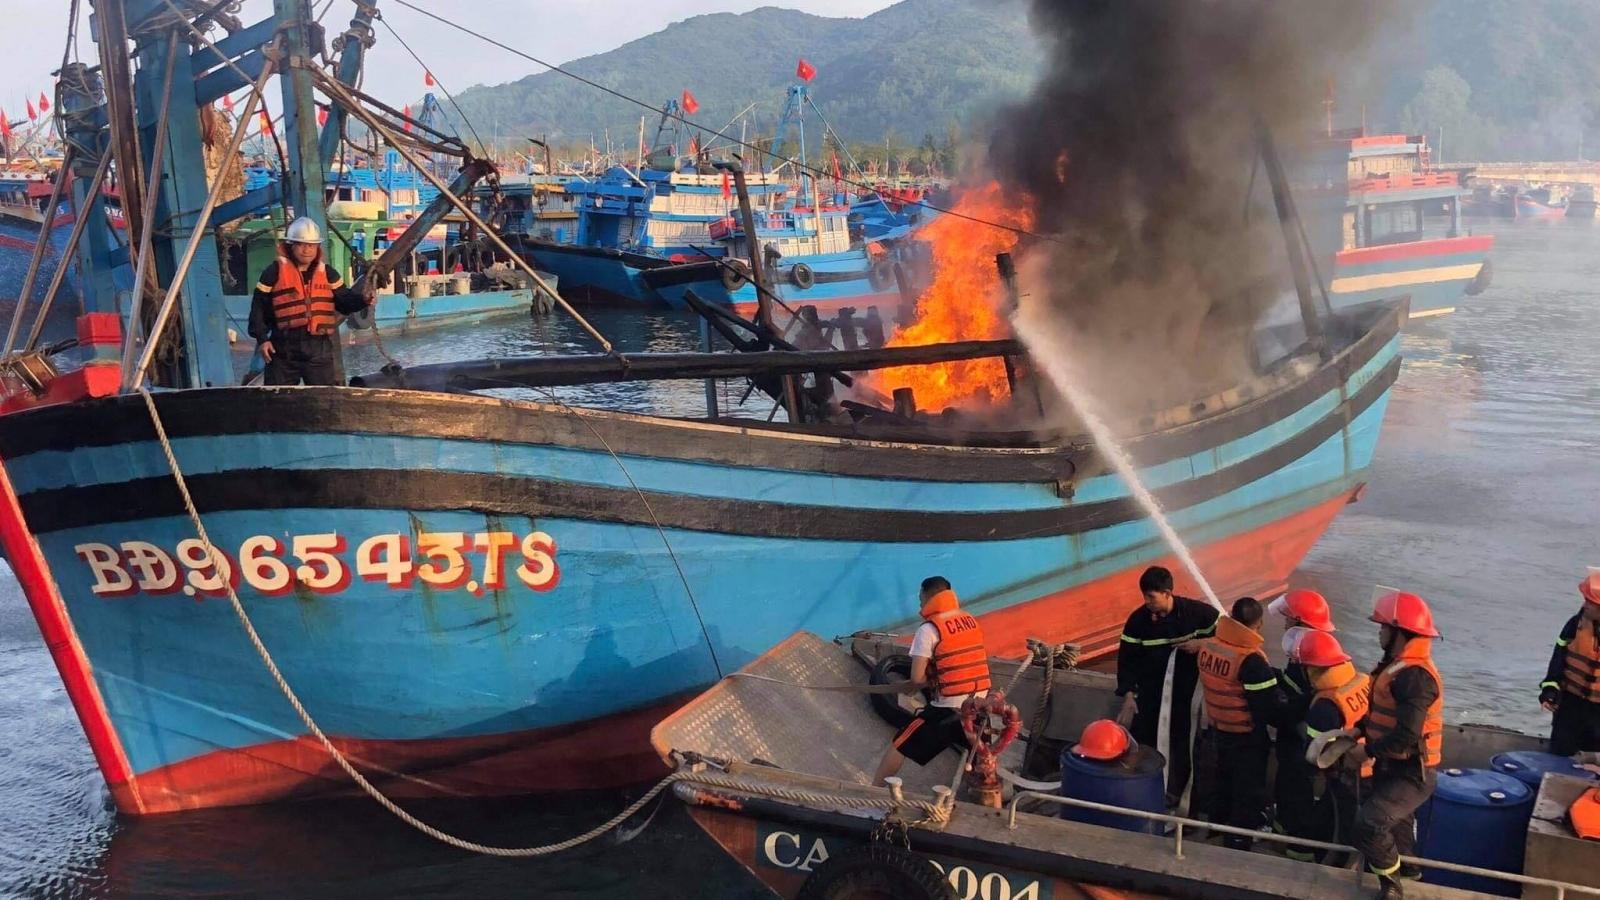 Toàn cảnh: 3 tàu cá neo đậu tại âu thuyền Thọ Quang- Đà Nẵng bốc cháy